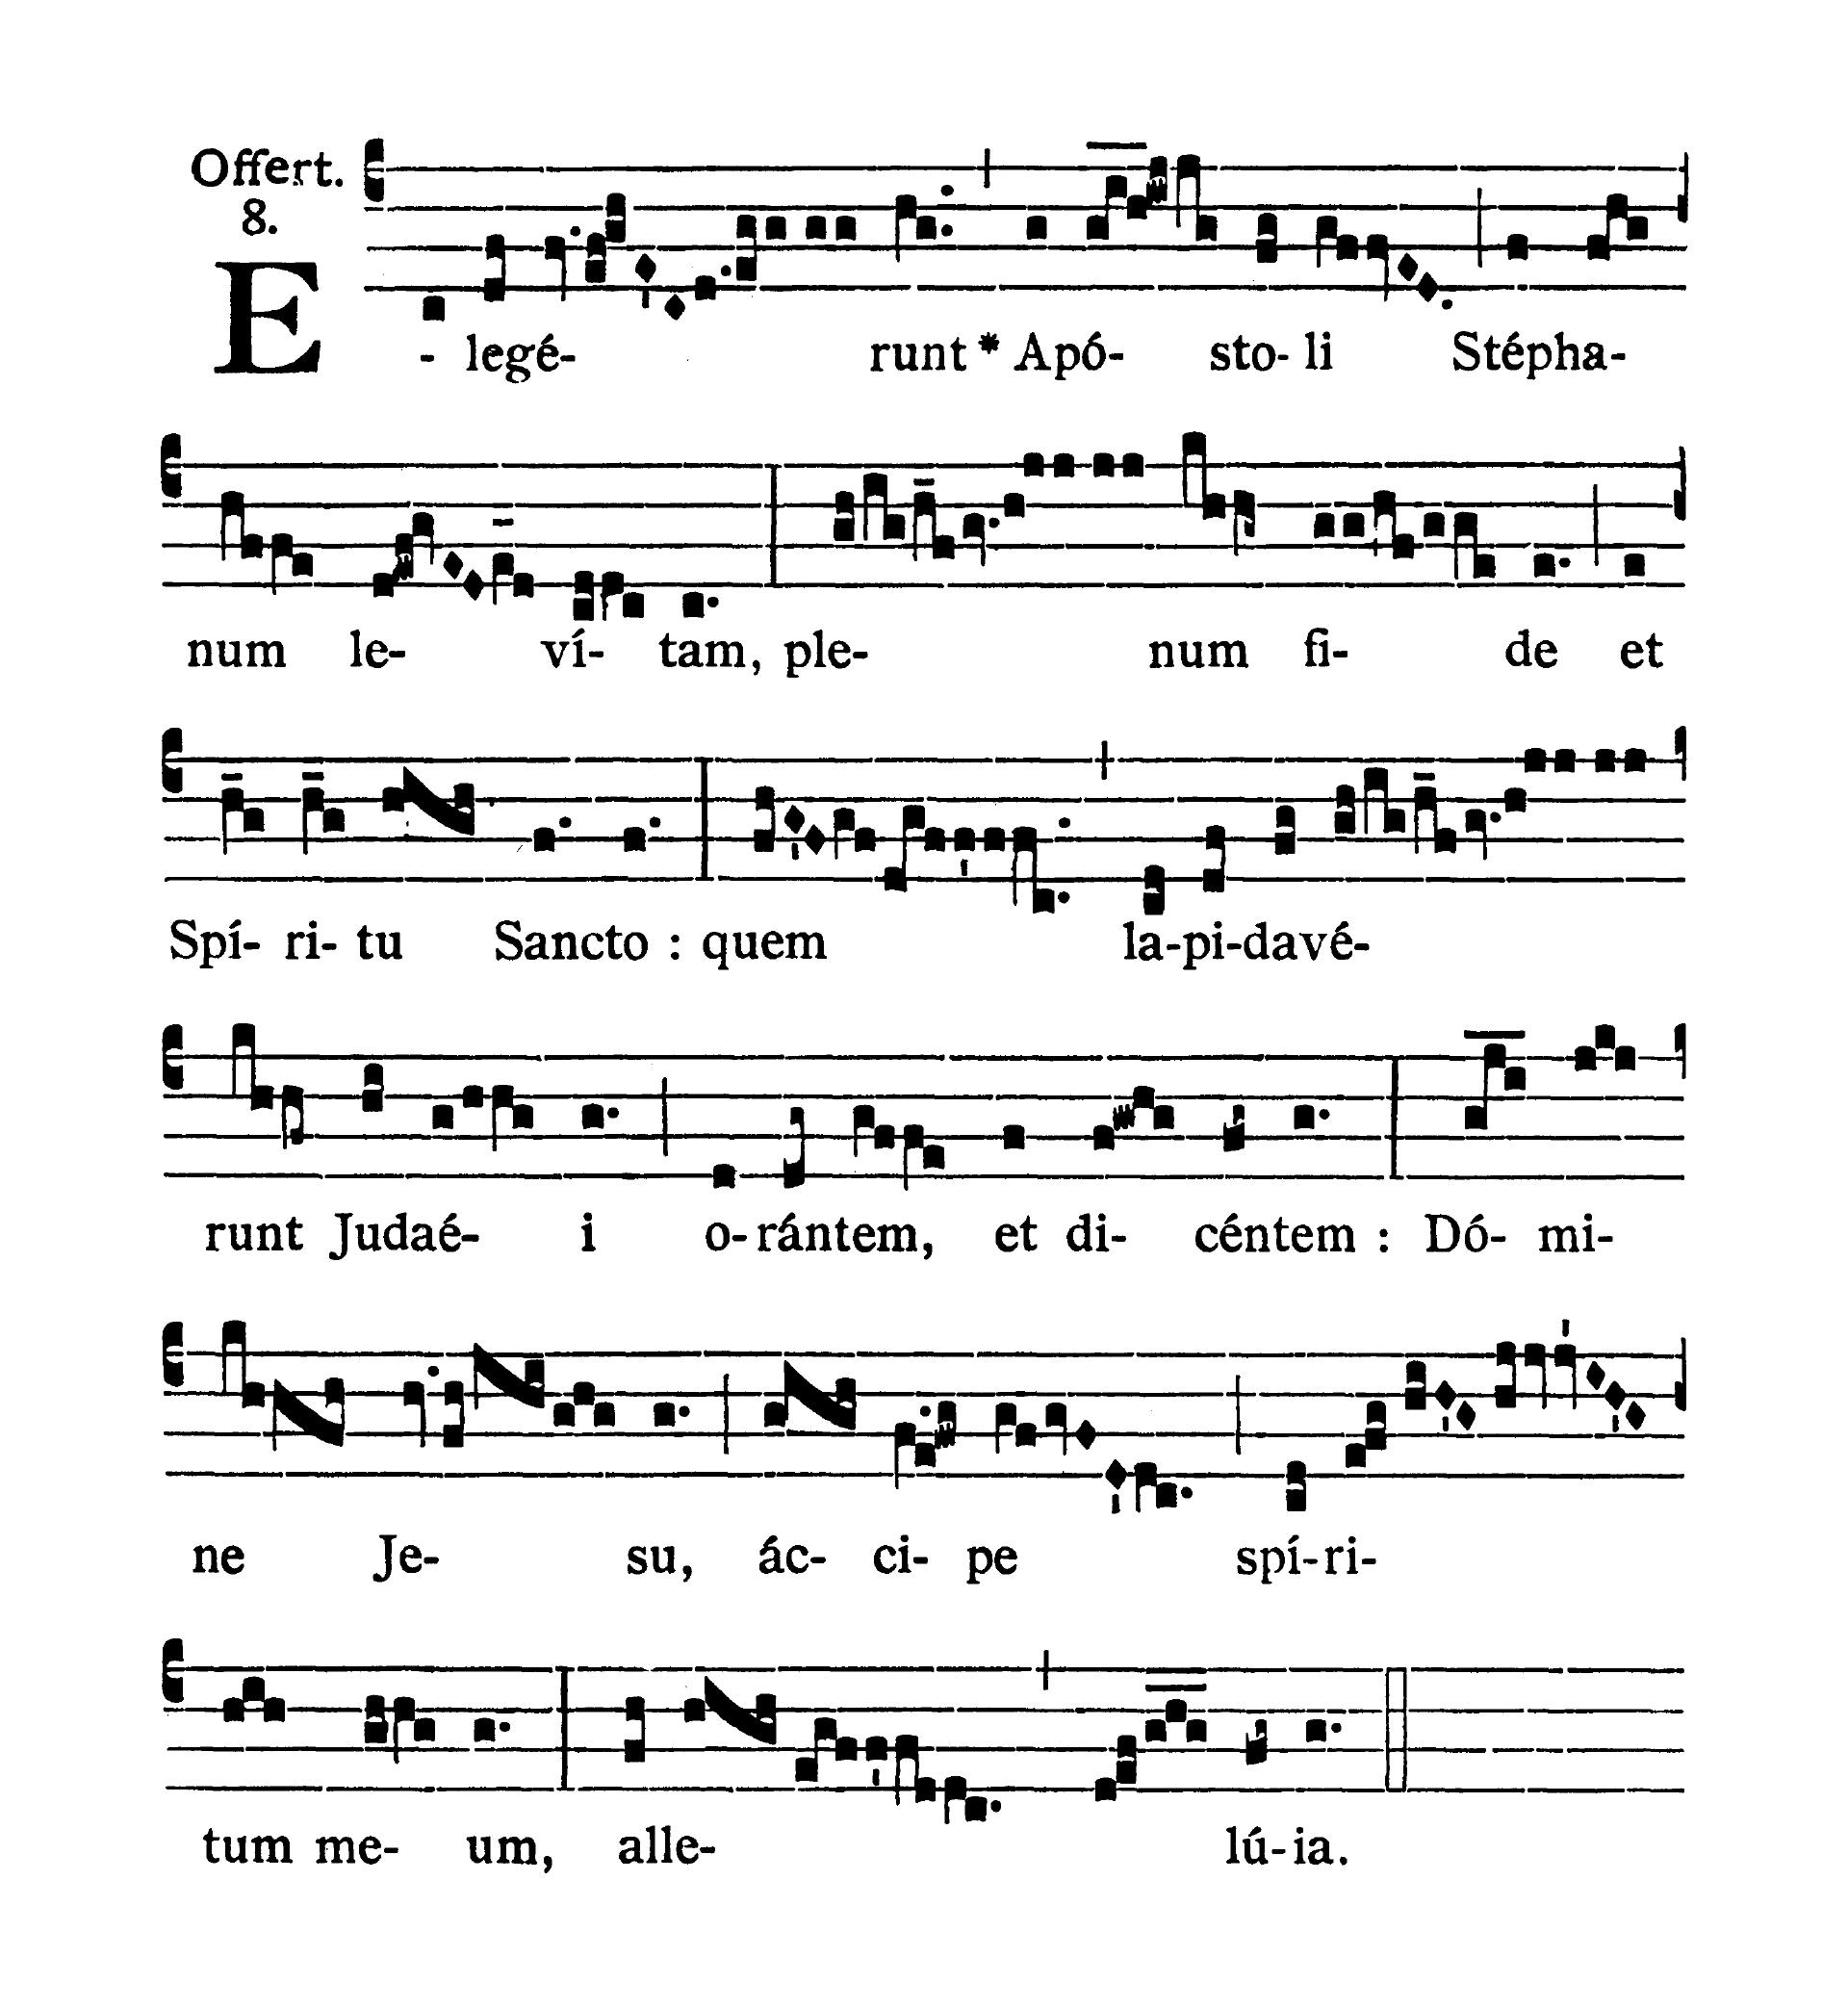 Sancti Stephani Protomartyris (Świętego Szczepana pierwszego Męczennika) - Offertorium (Elegerunt Apostoli)